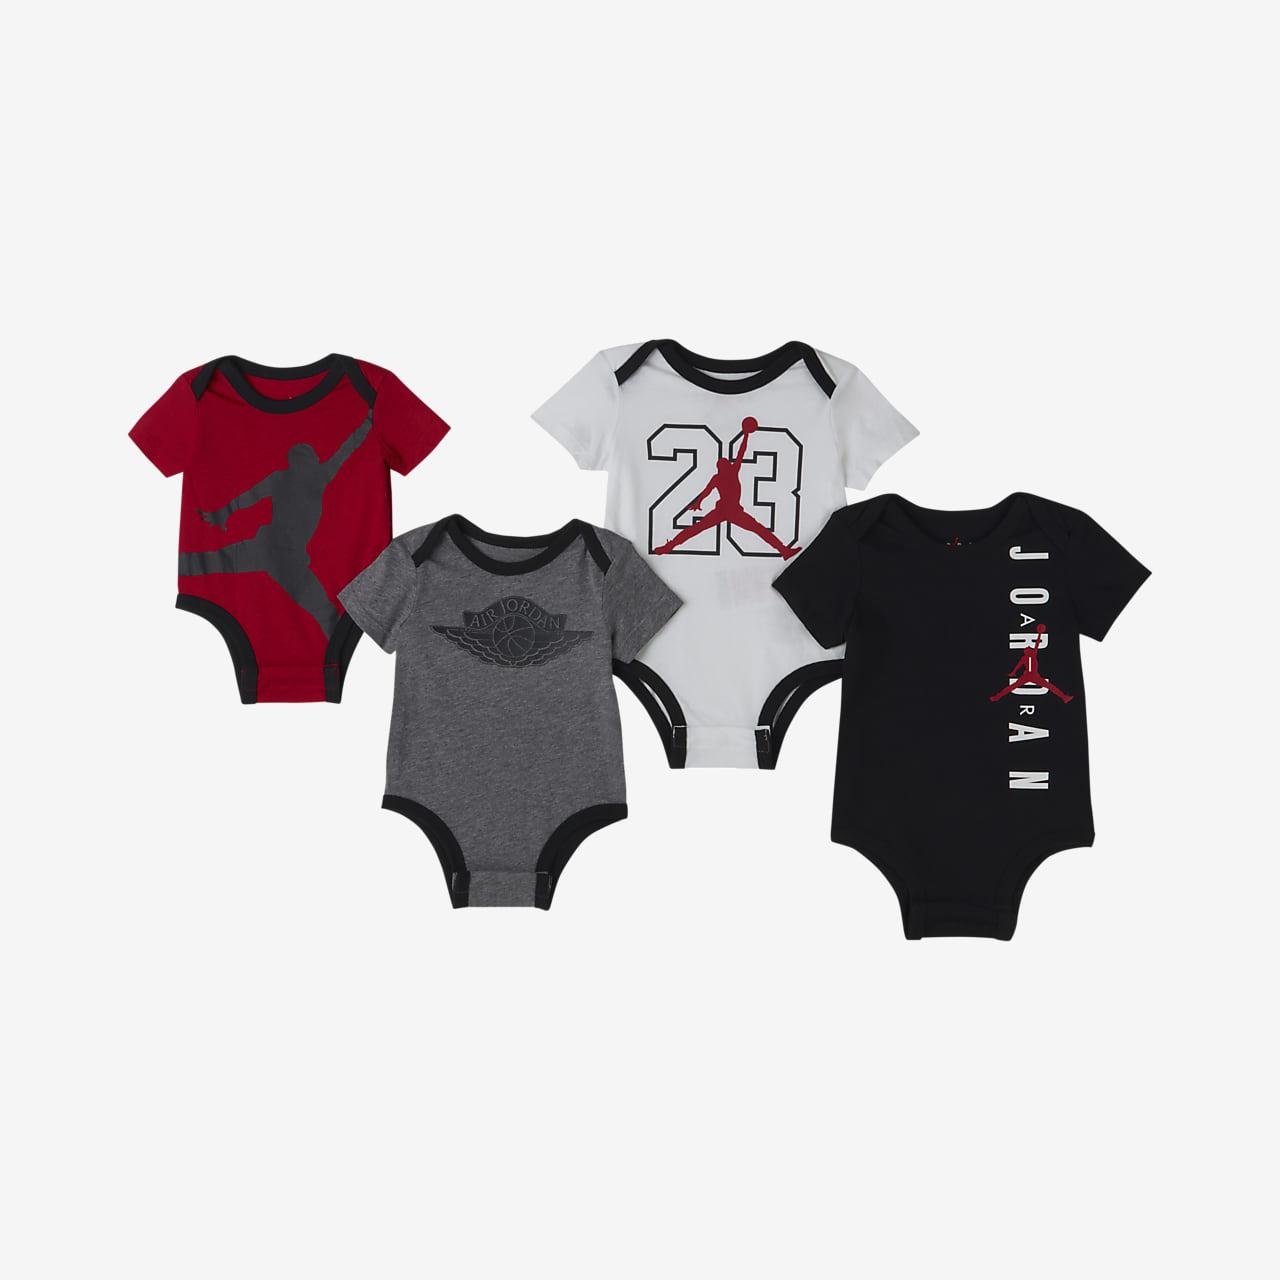 Jordan bodyszett babáknak (0-9 hónapos) (4 darabos csomag)